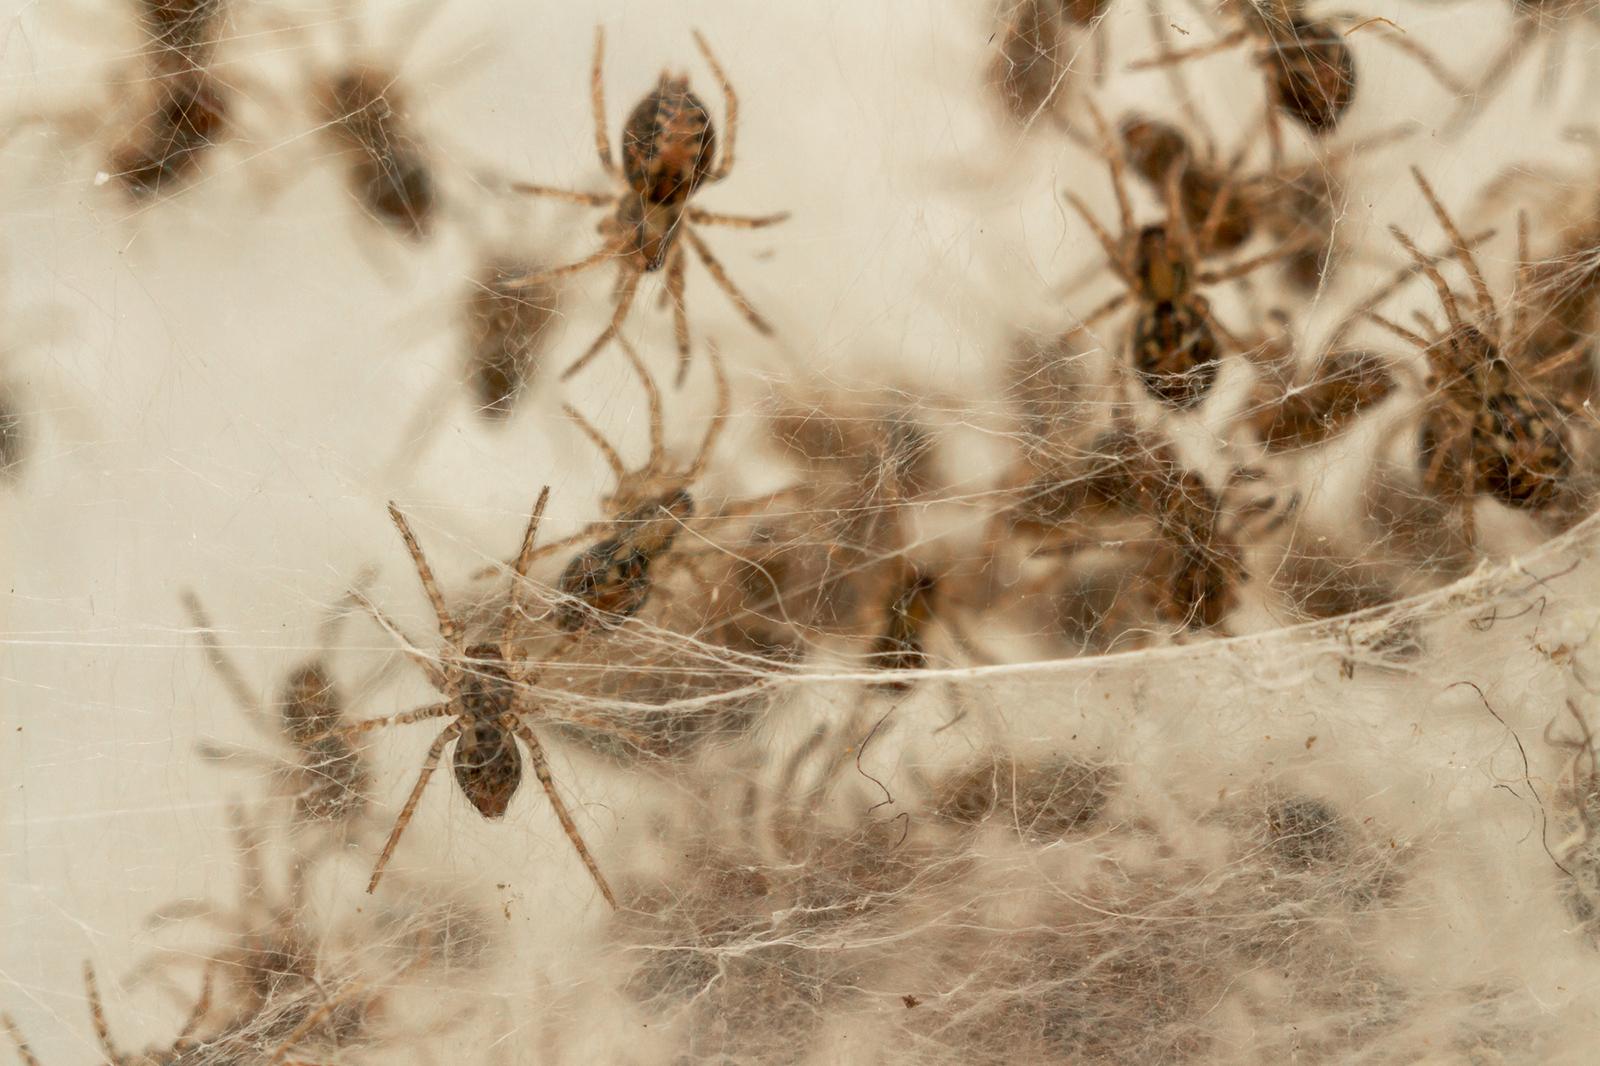 Extermination des araignées : la procédure complète